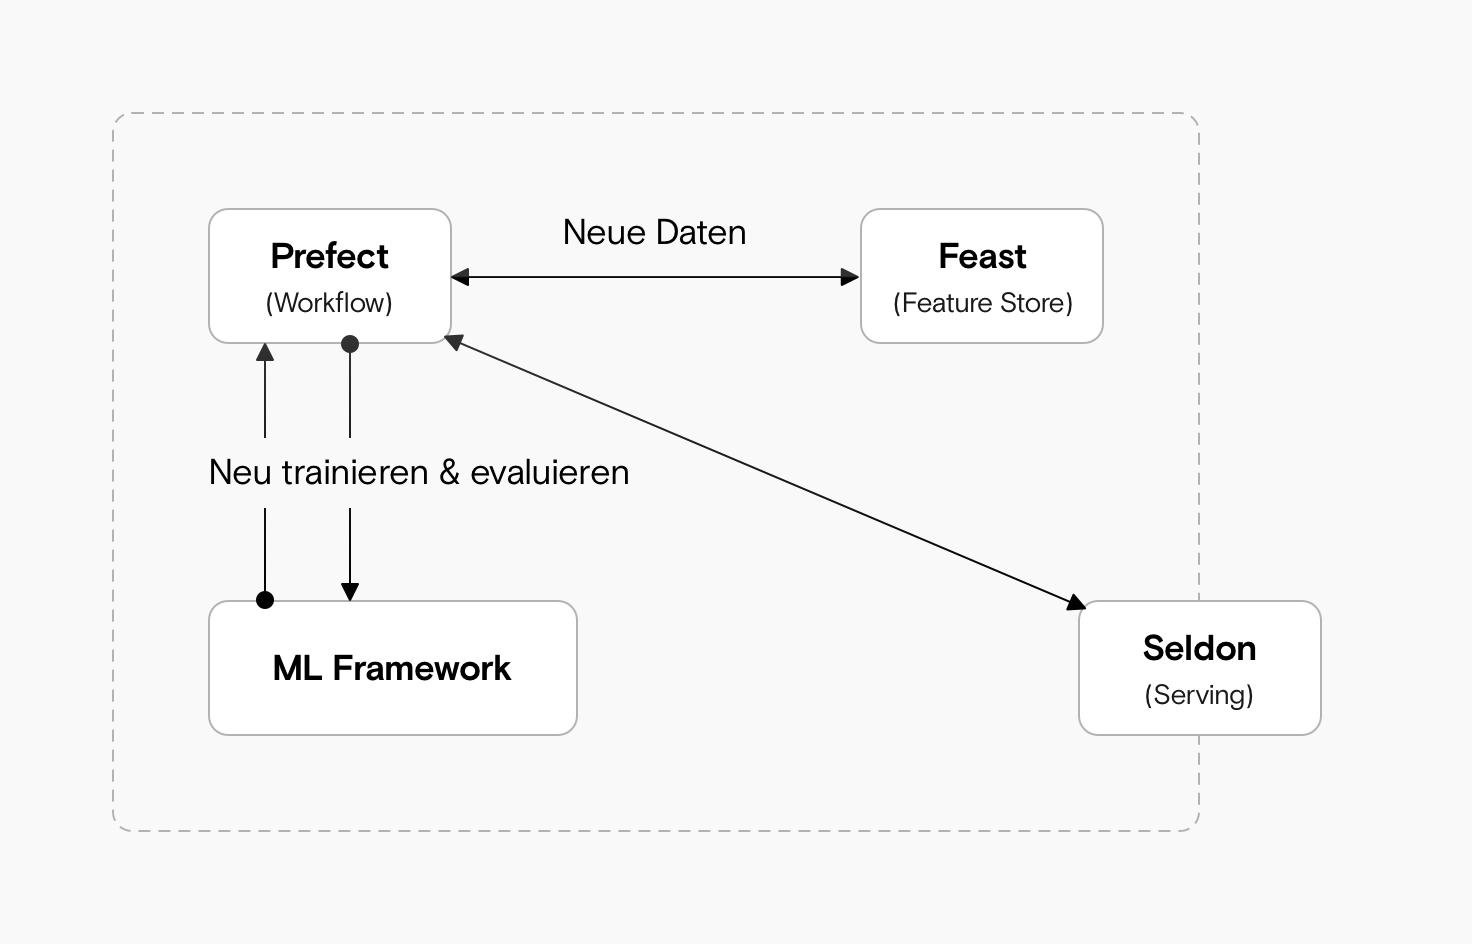 Ein Diagramm, in dem ein ML-Framework mit einem Workflow-Tool (Prefect) verbunden ist, das wiederum mit einem Feature Store (Feast) und einem Model Serving Tool (Seldon) verbunden ist